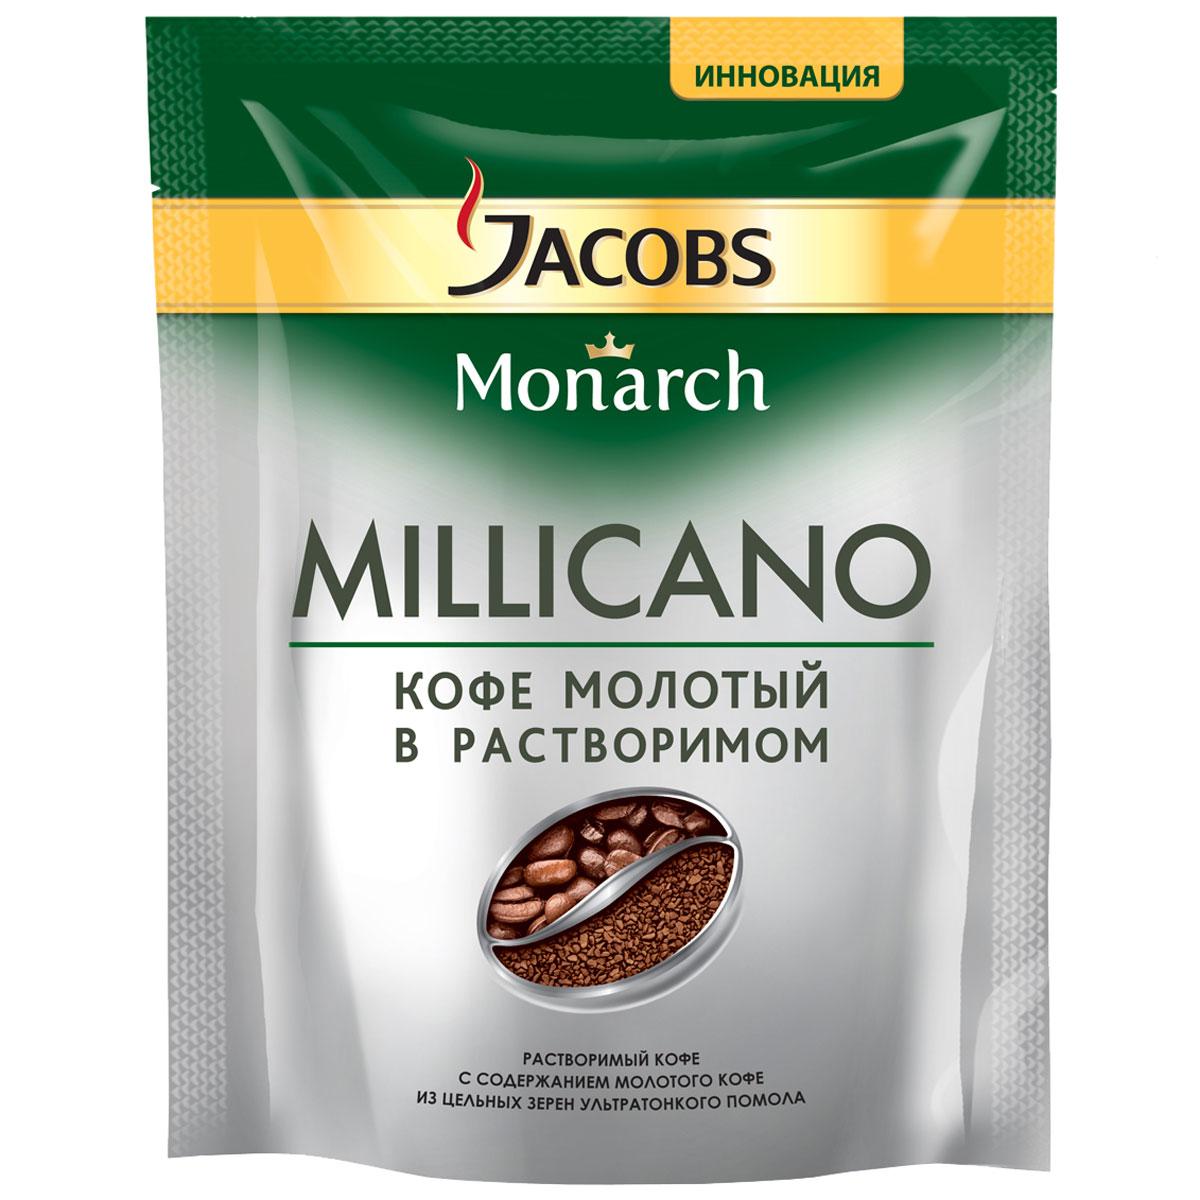 Jacobs Monarch Millicano кофе растворимый, 150 г (пакет)0120710Jacobs Monarch Millicano - это кофе нового поколения молотый в растворимом. Новый Jacobs Monarch Millicano соединил в себе все лучшее от растворимого и натурального молотого кофе - плотный насыщенный вкус, богатый аромат и быстроту приготовления. Благодаря специальной технологии производства каждая растворимая гранула Millicano содержит в себе частички цельных обжаренных зерен ультратонкого помола, которые отчетливо раскрывают характер кофейного зерна в каждой чашке.